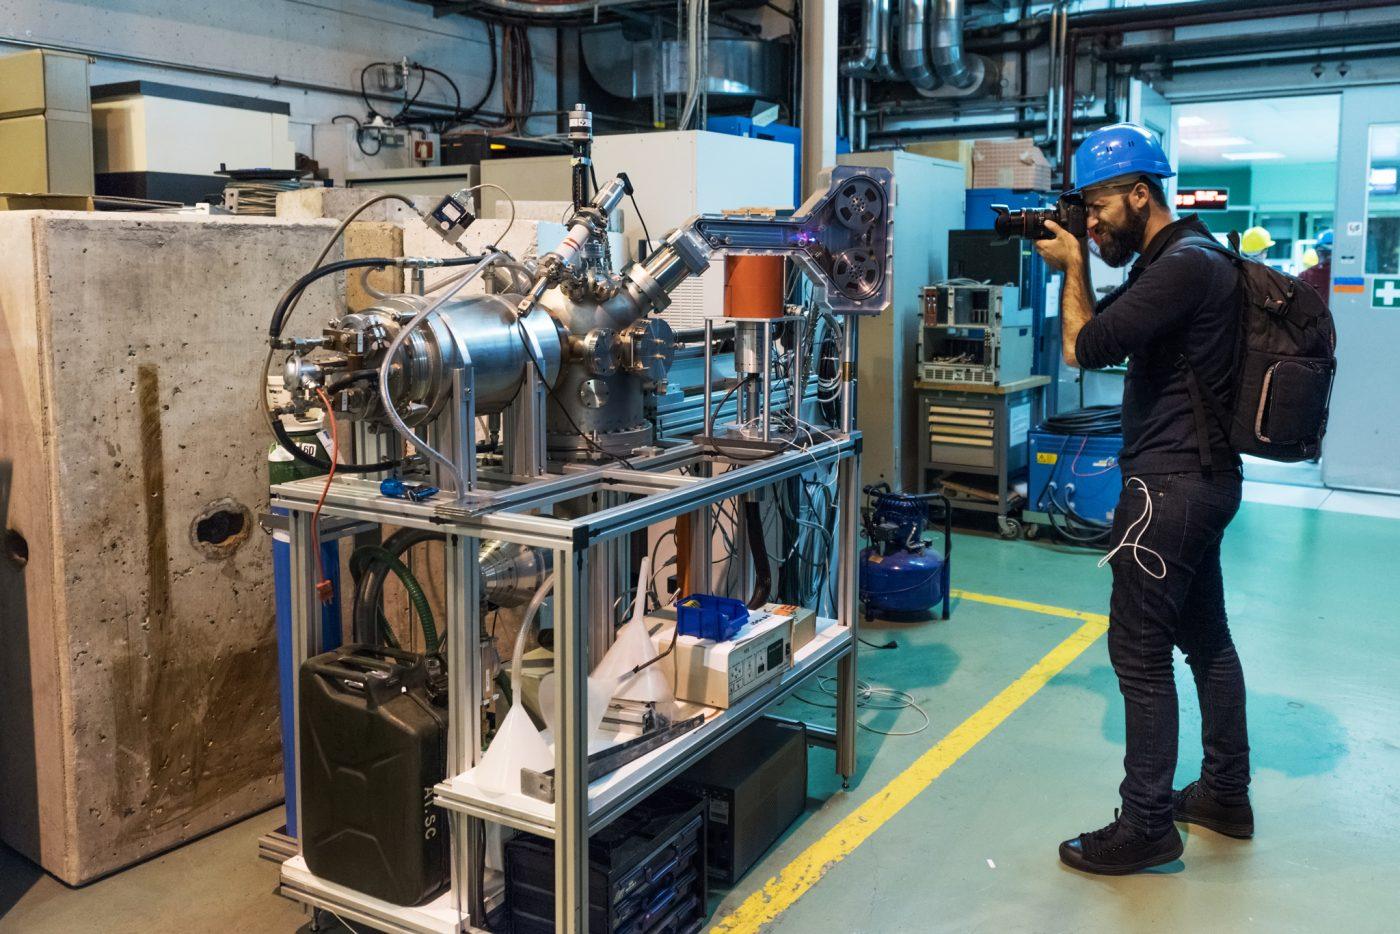 Gaetano Cessati mentre fotografa i macchinari di ISOLDE. Foto del fotografo ufficiale del CERN Maximilian Brice